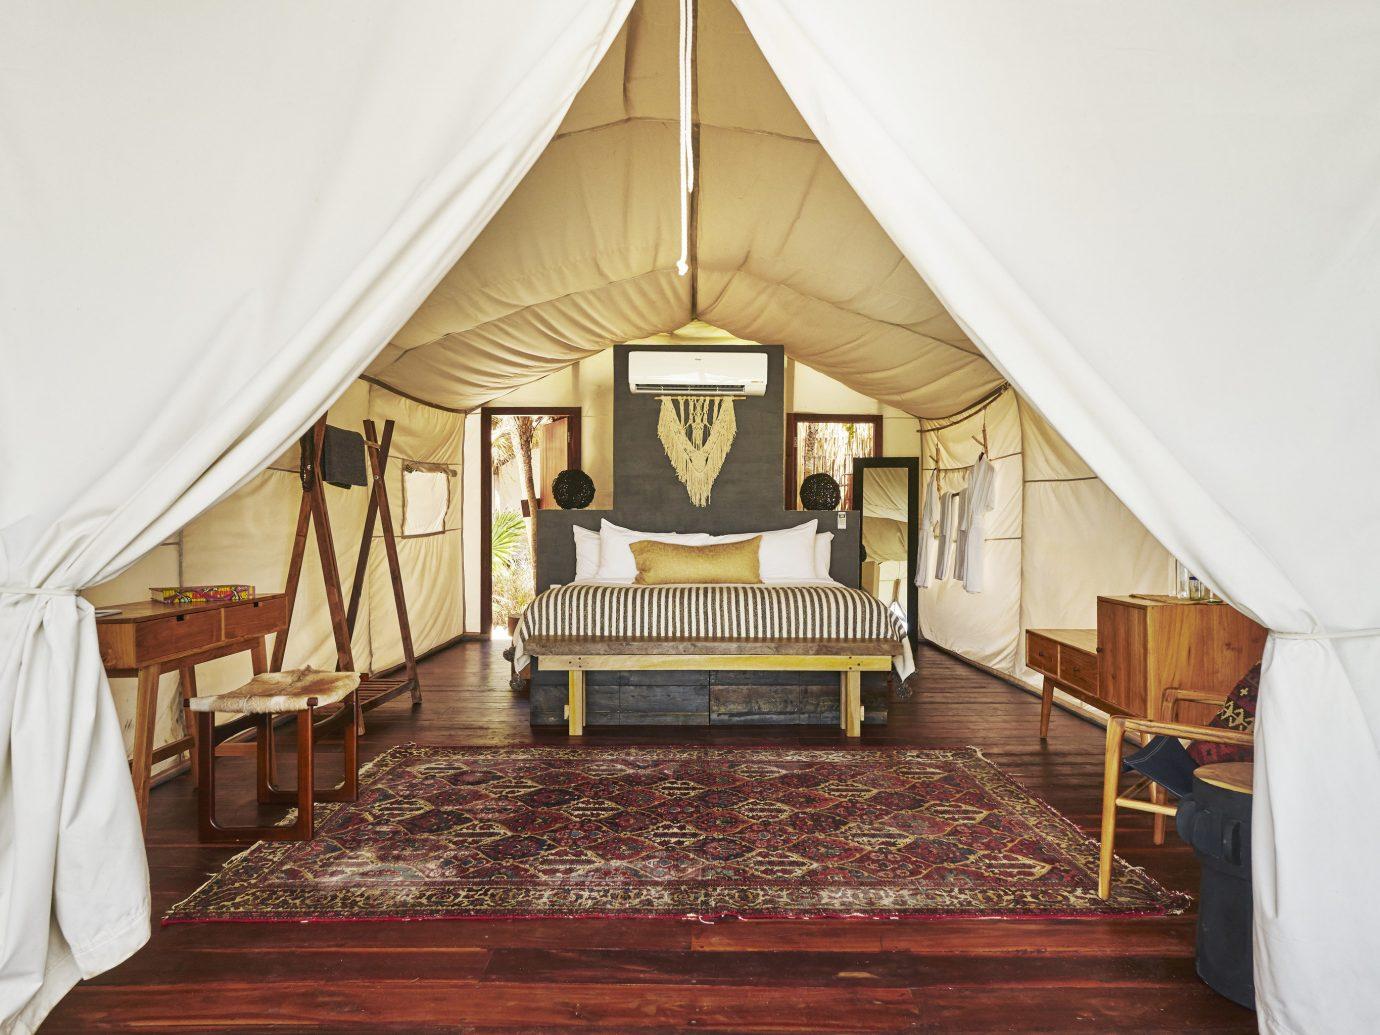 Boutique Hotels Hotels Mexico Tulum indoor floor room tent Living ceiling furniture interior design flooring